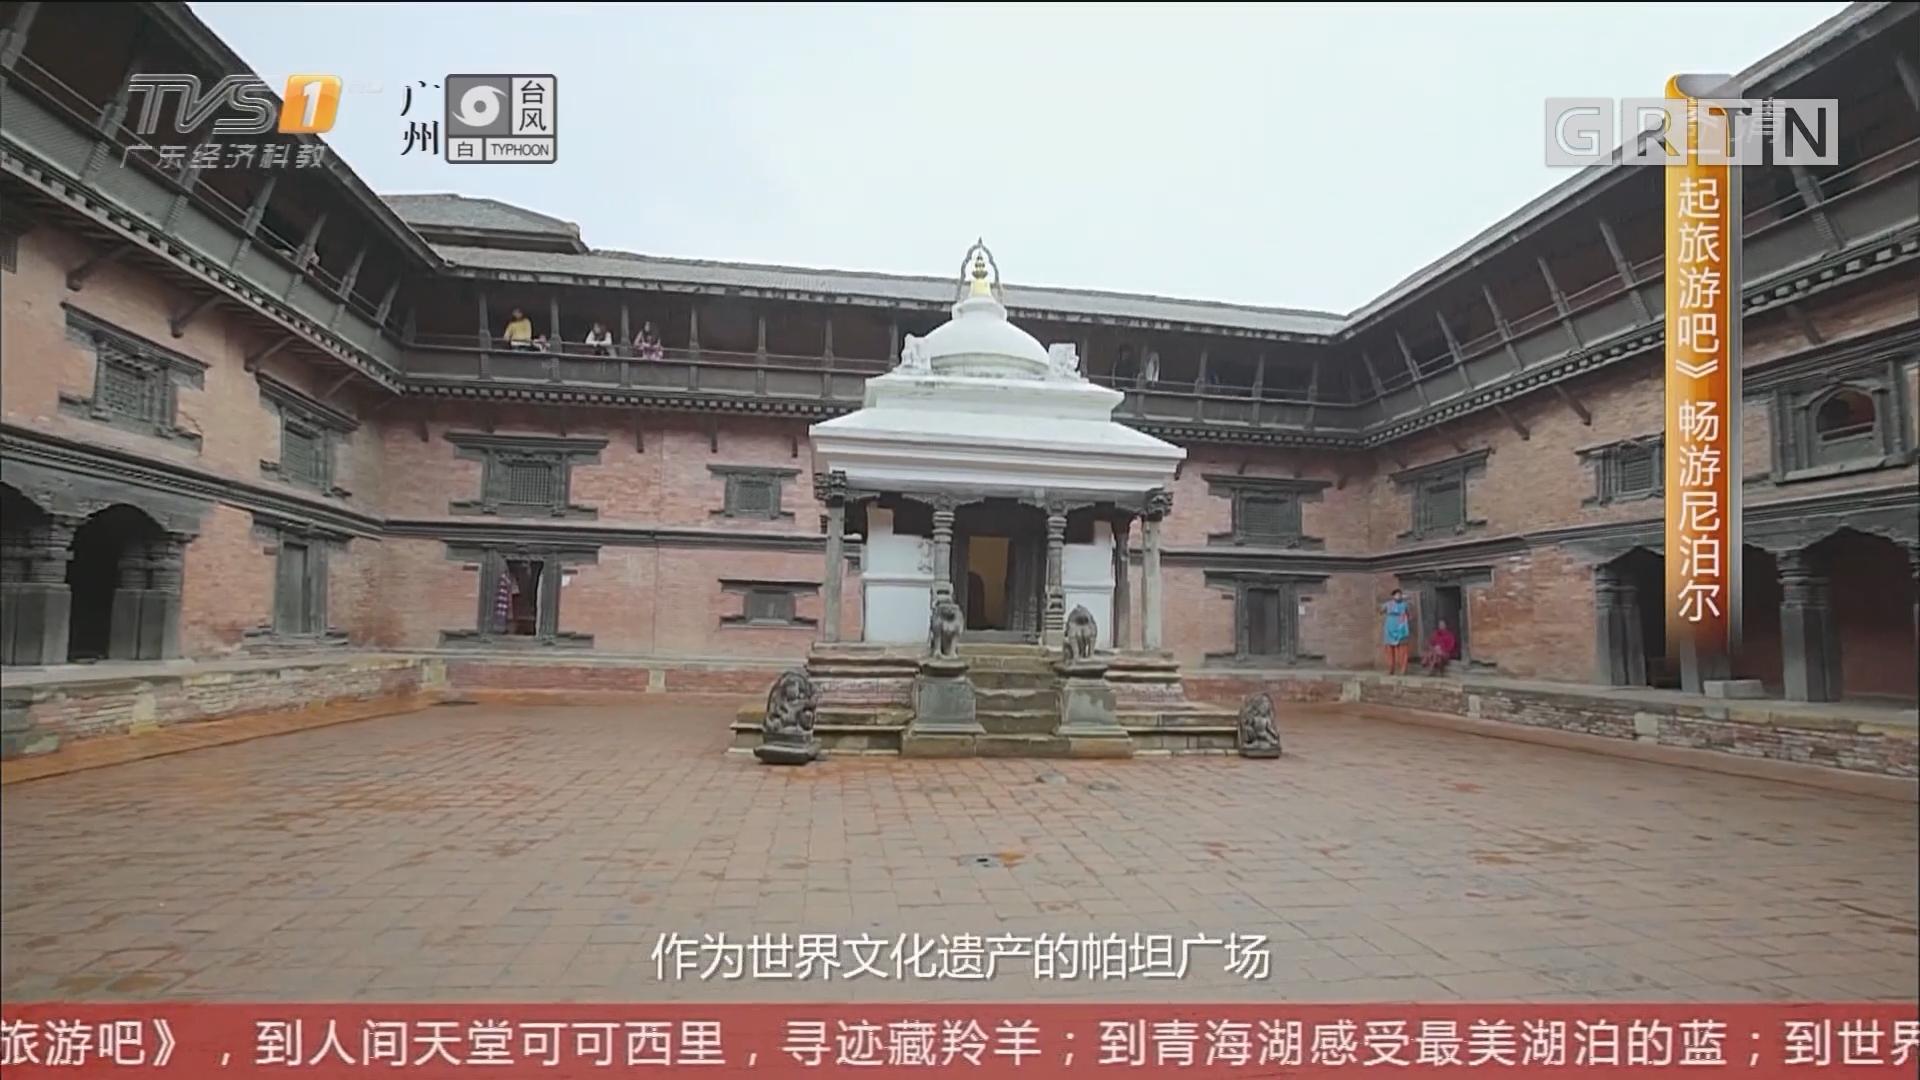 尼泊尔——帕坦皇宫